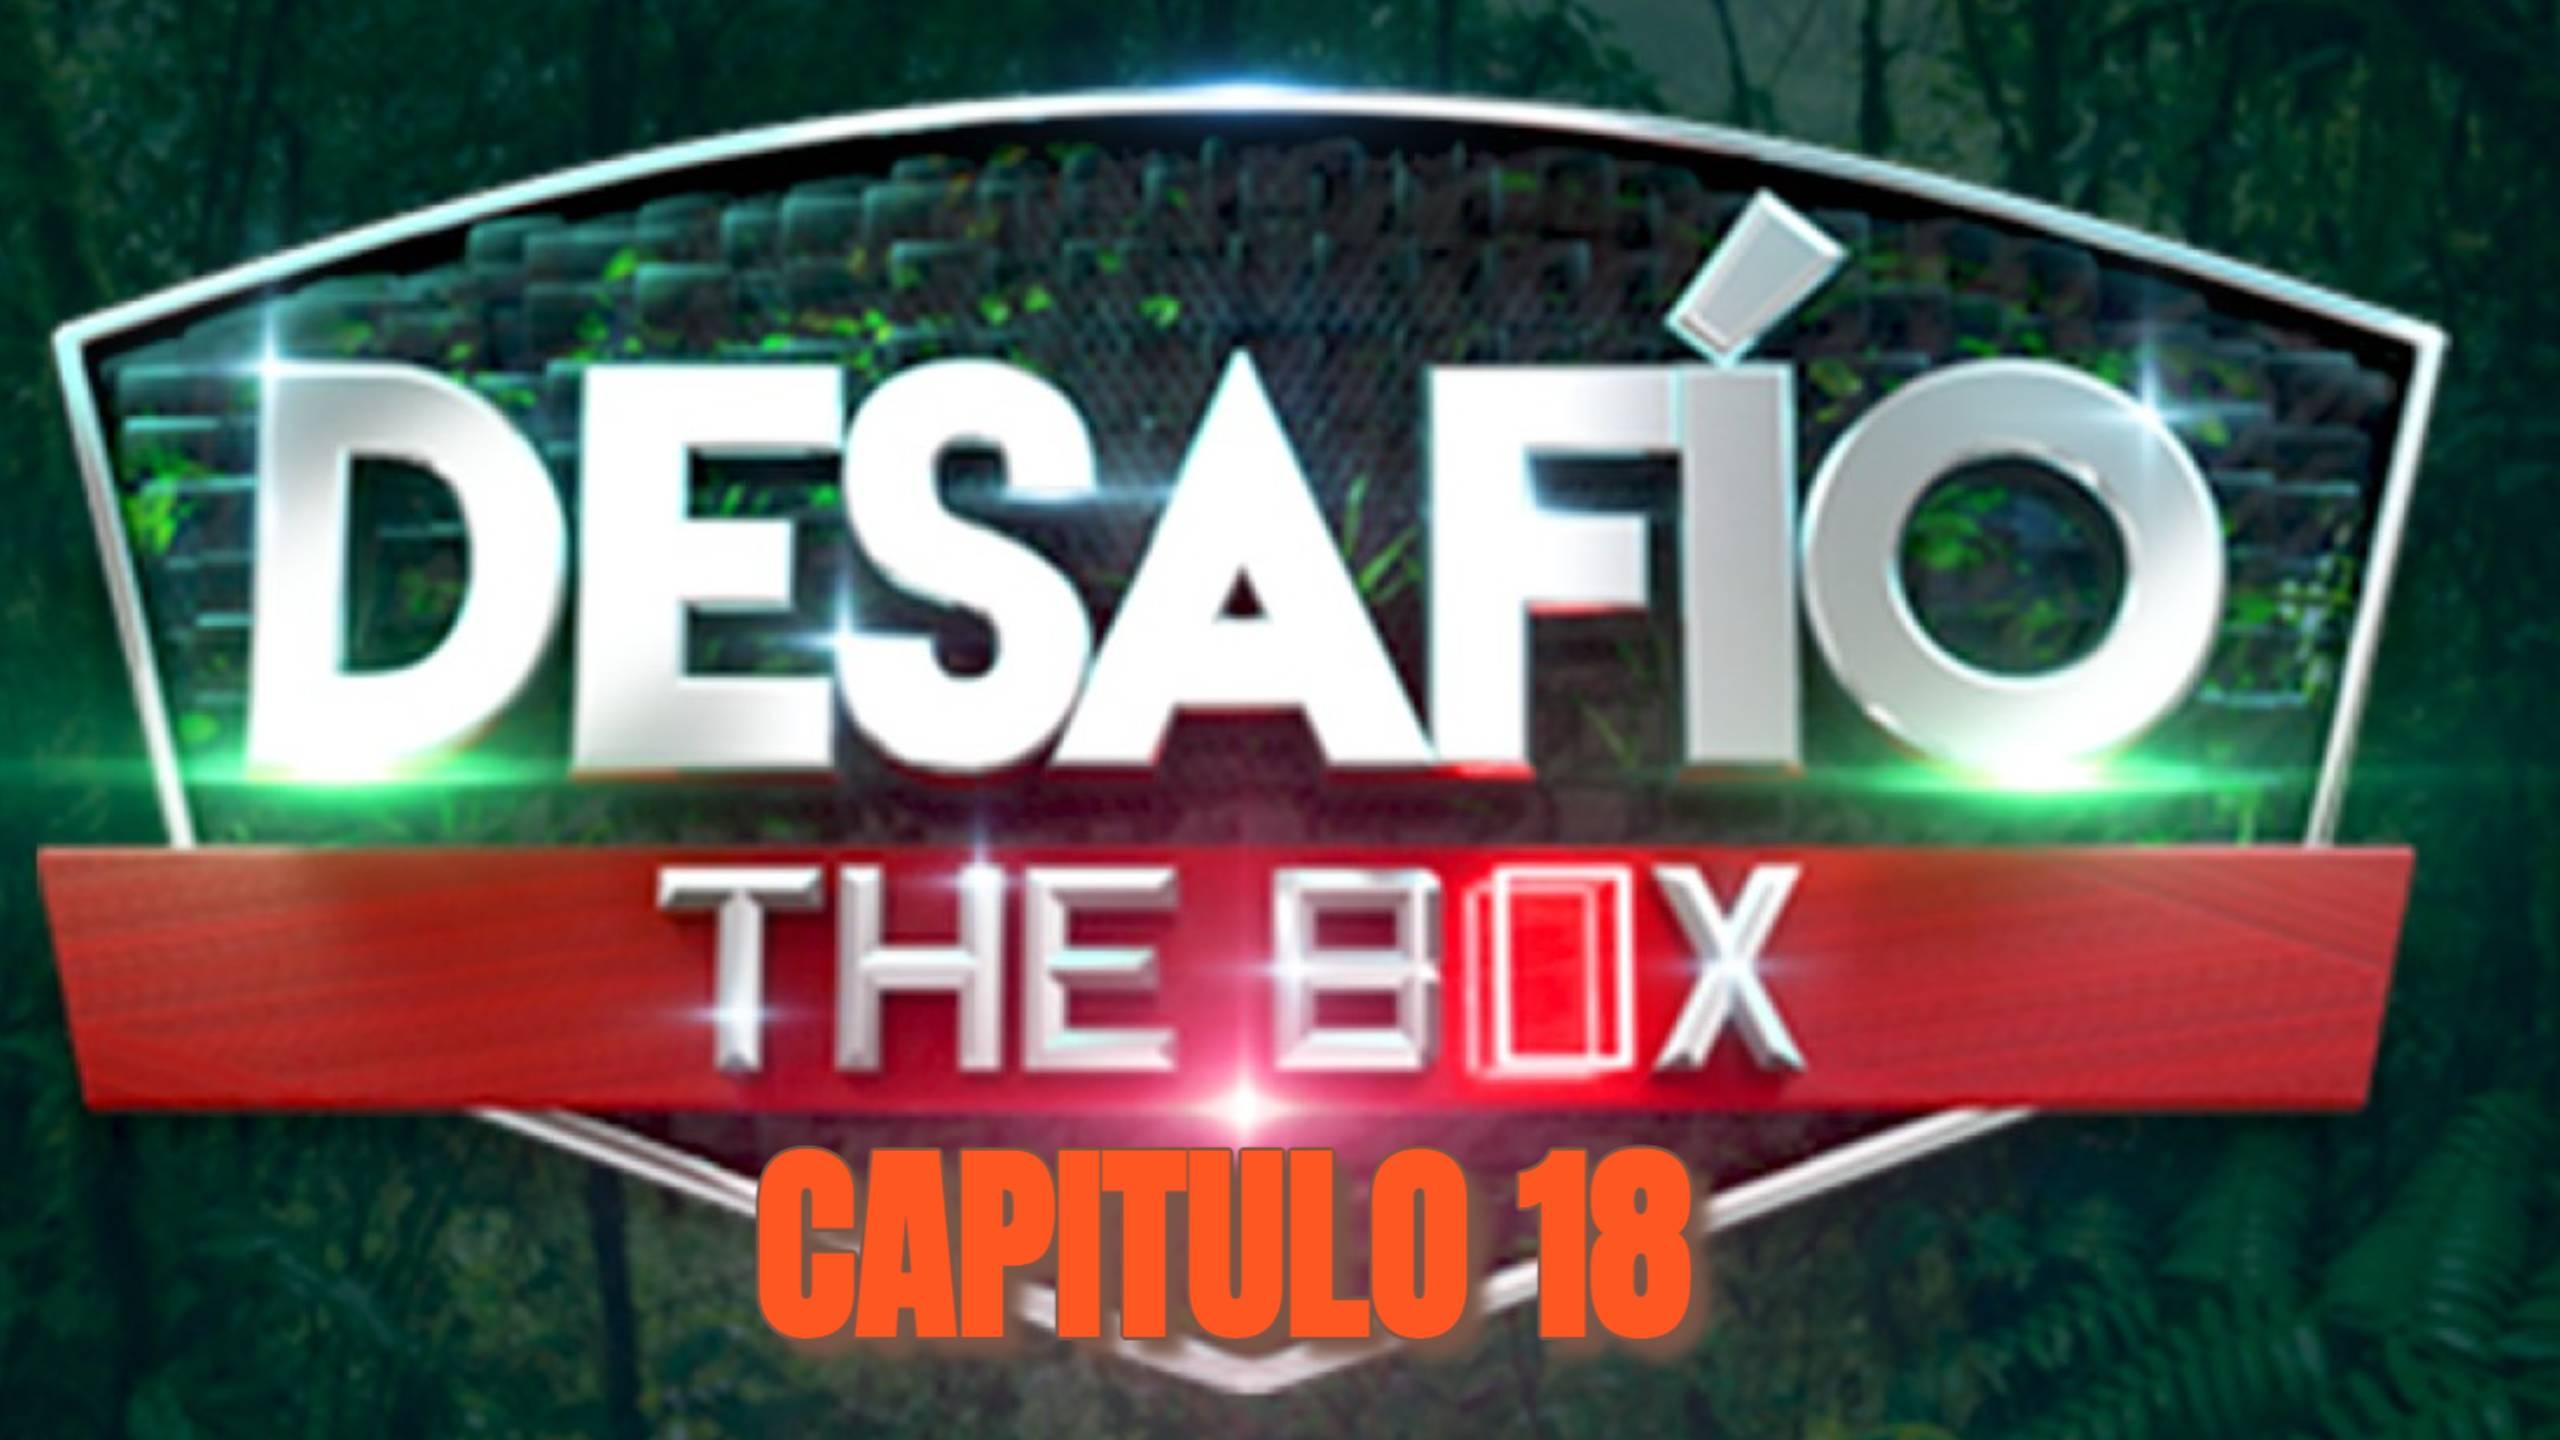 Desafio The Box 2021 CAPITULO 18